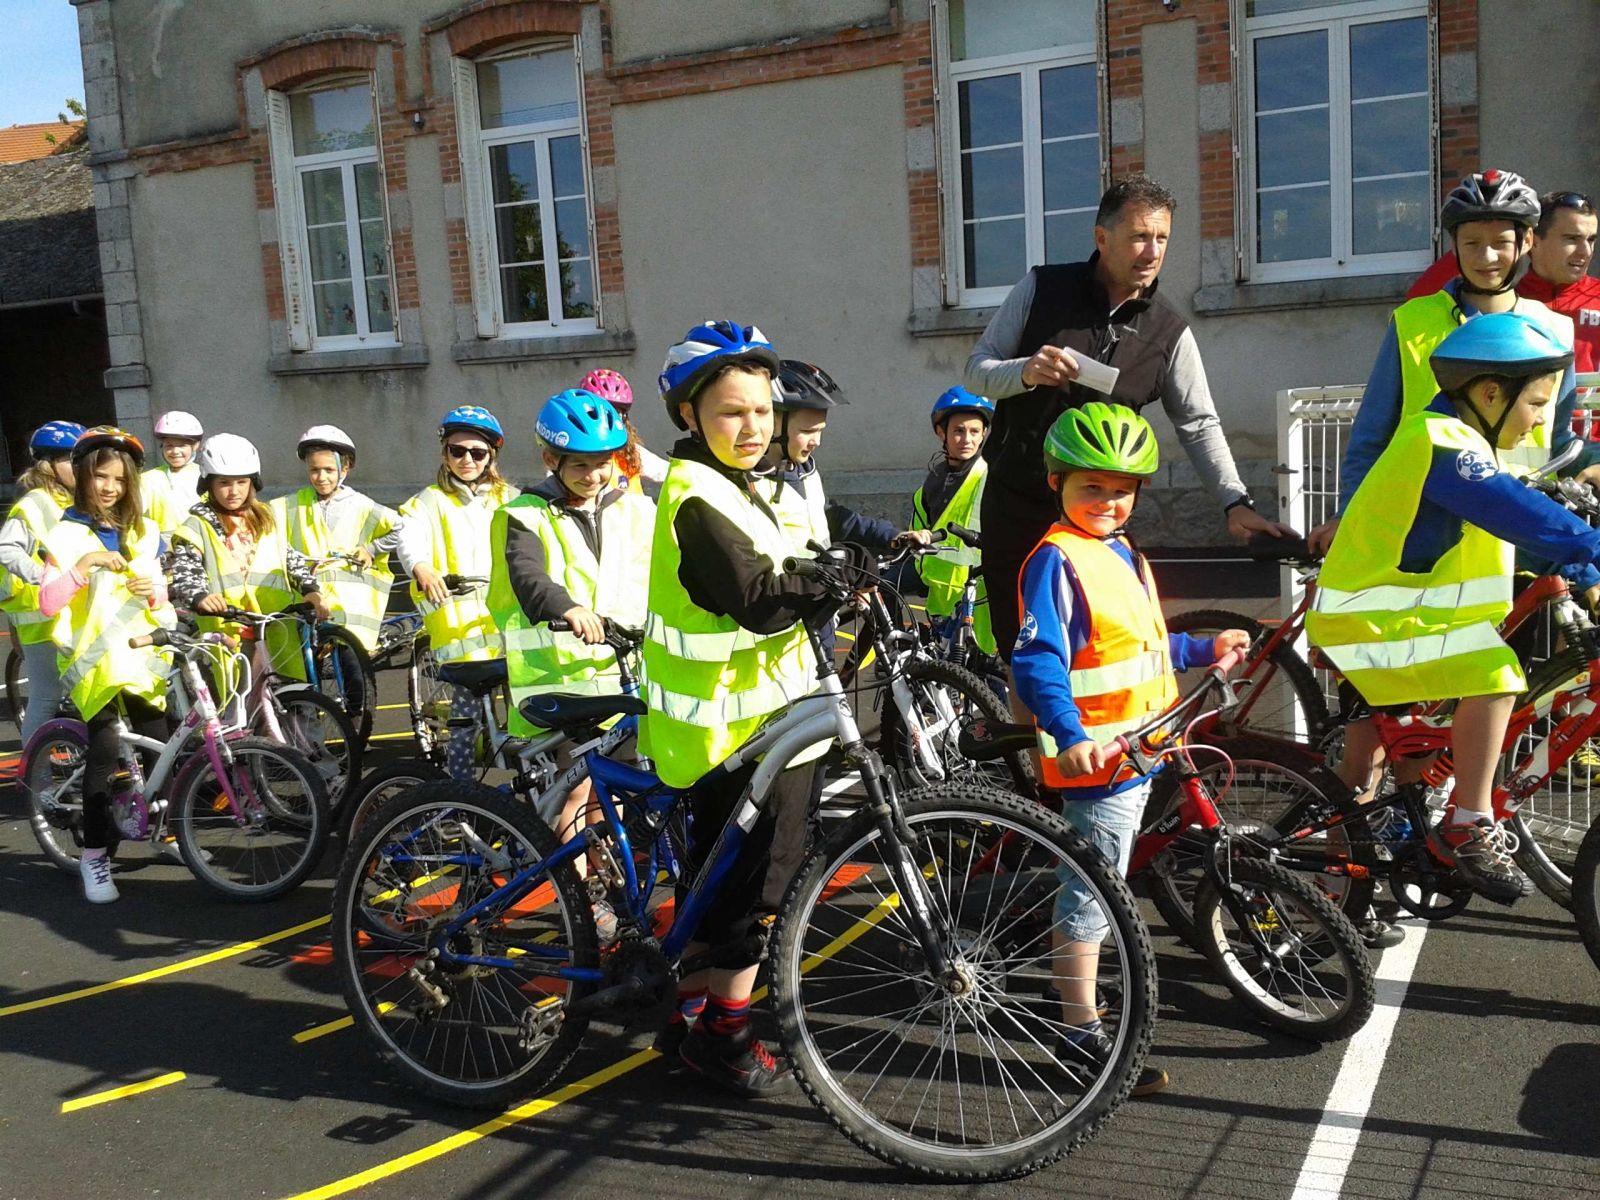 Sortie cyclisme pour les enfants de l 39 cole for Sortie yvelines enfants